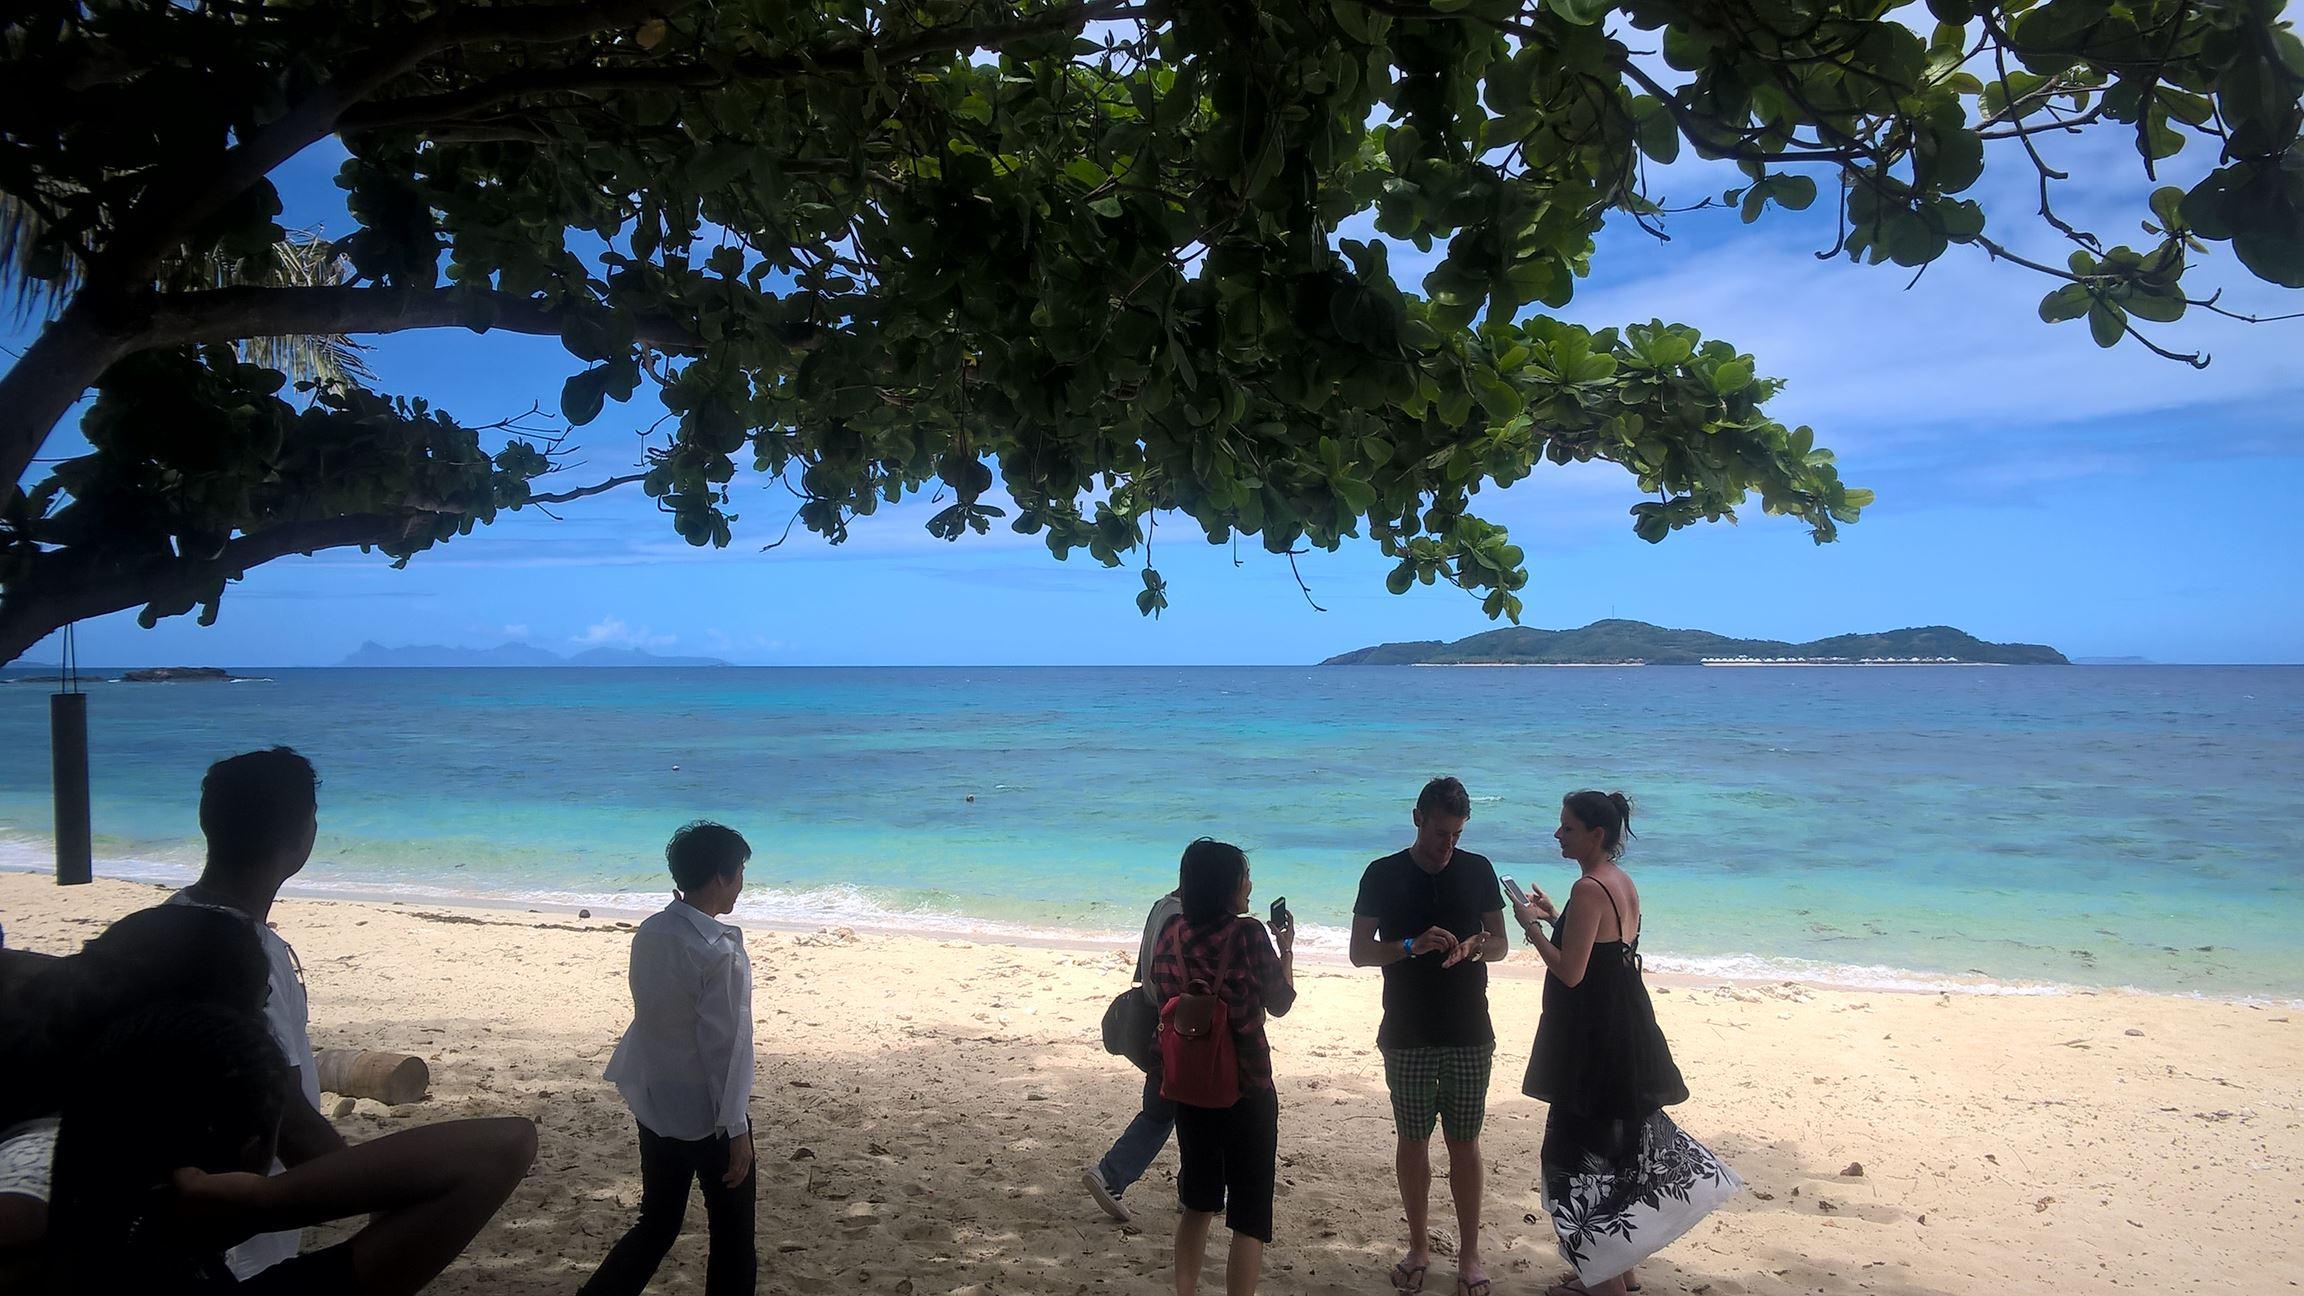 ... um auf der anderen Seite der Insel...